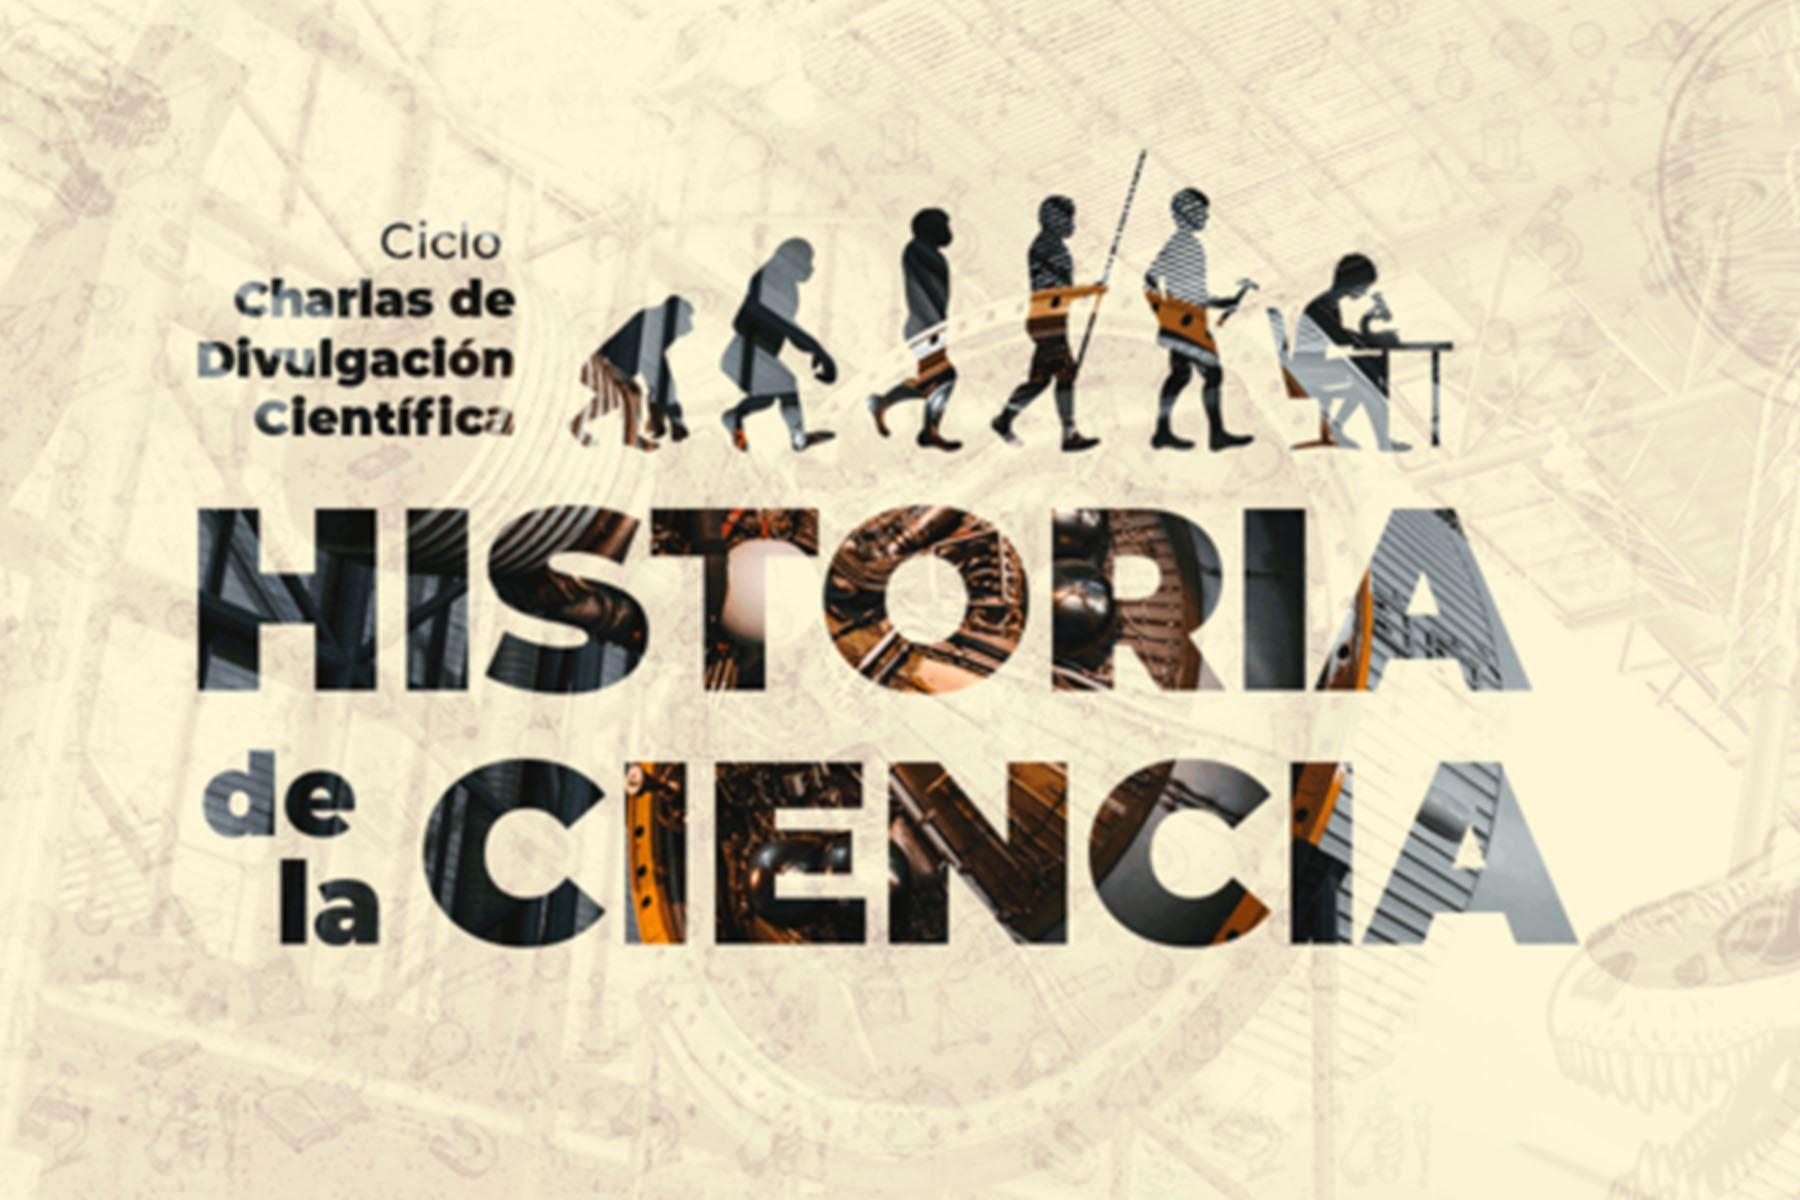 concytec-organiza-charlas-de-divulgacion-cientifica-sobre-historia-de-la-ciencia-en-peru